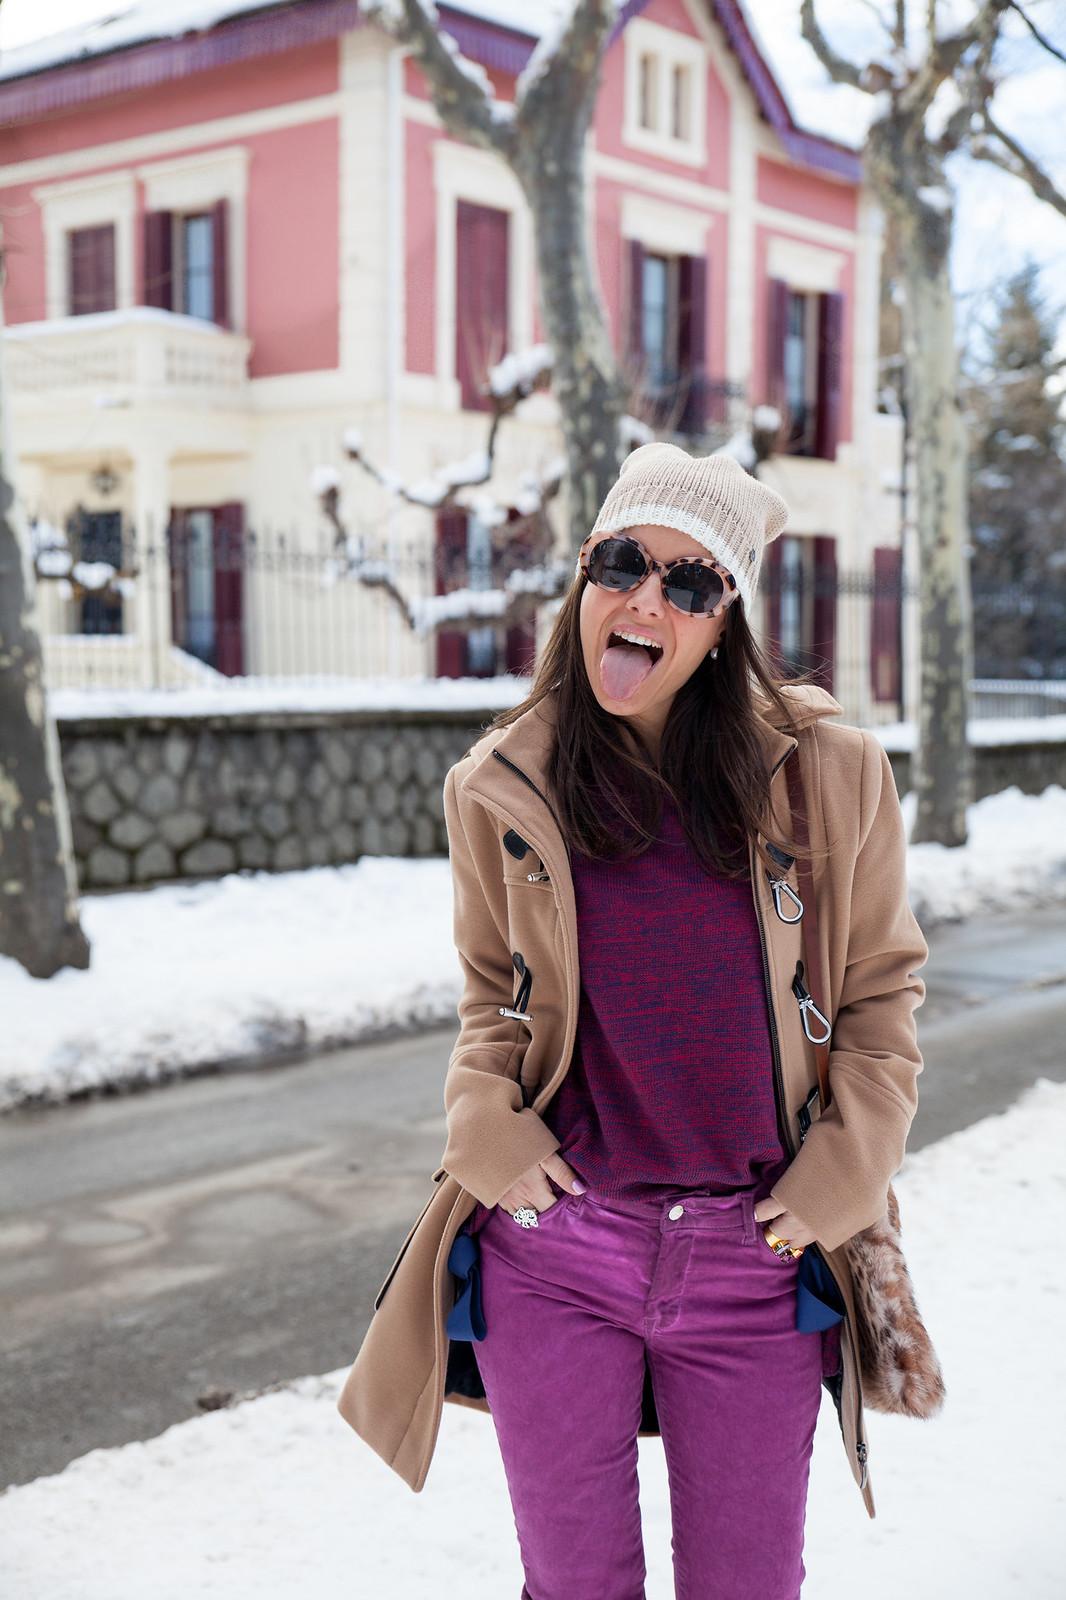 05como ir vestida a la nieve arreglada con un look magenta abrigo en color nude estilo parka mou boots theguestgirl the guest girl fashion influencer barcelona parfois streetstyle fashion week style